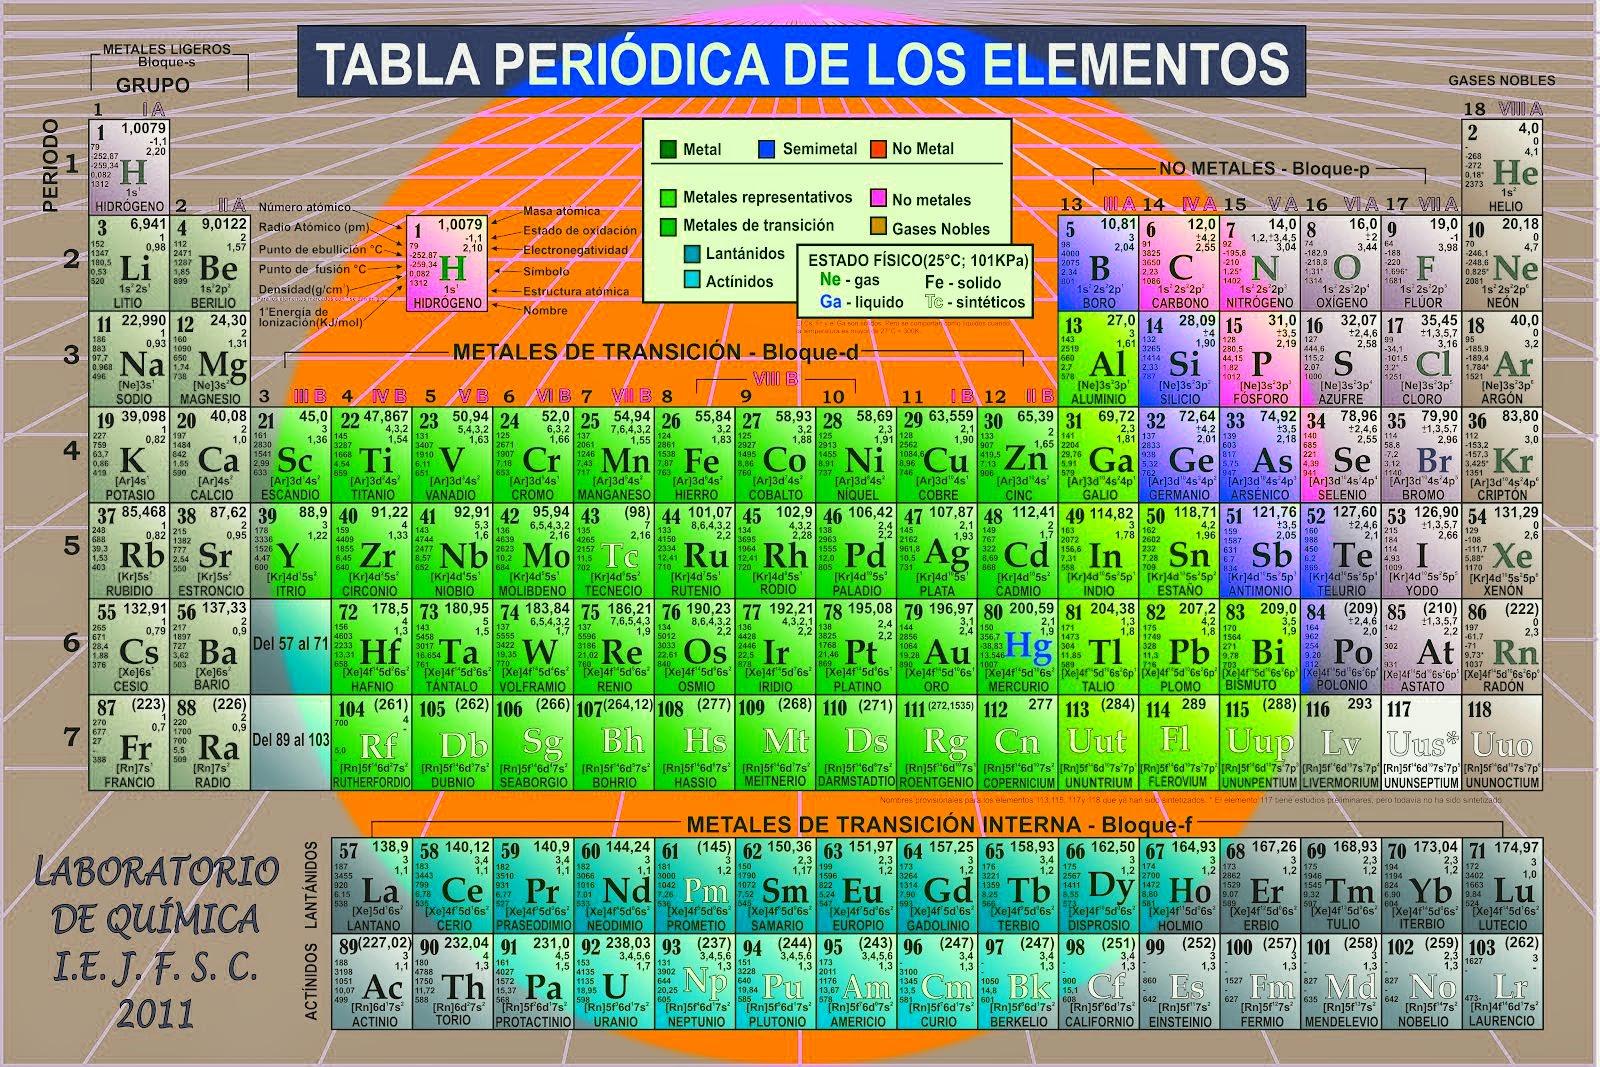 Quifiblog actividad 13 he elegido una imagen de la tabla peridica de los elementos porque me parece imprescindible para cualquier estudiante de la materia de qumica tener una a urtaz Images